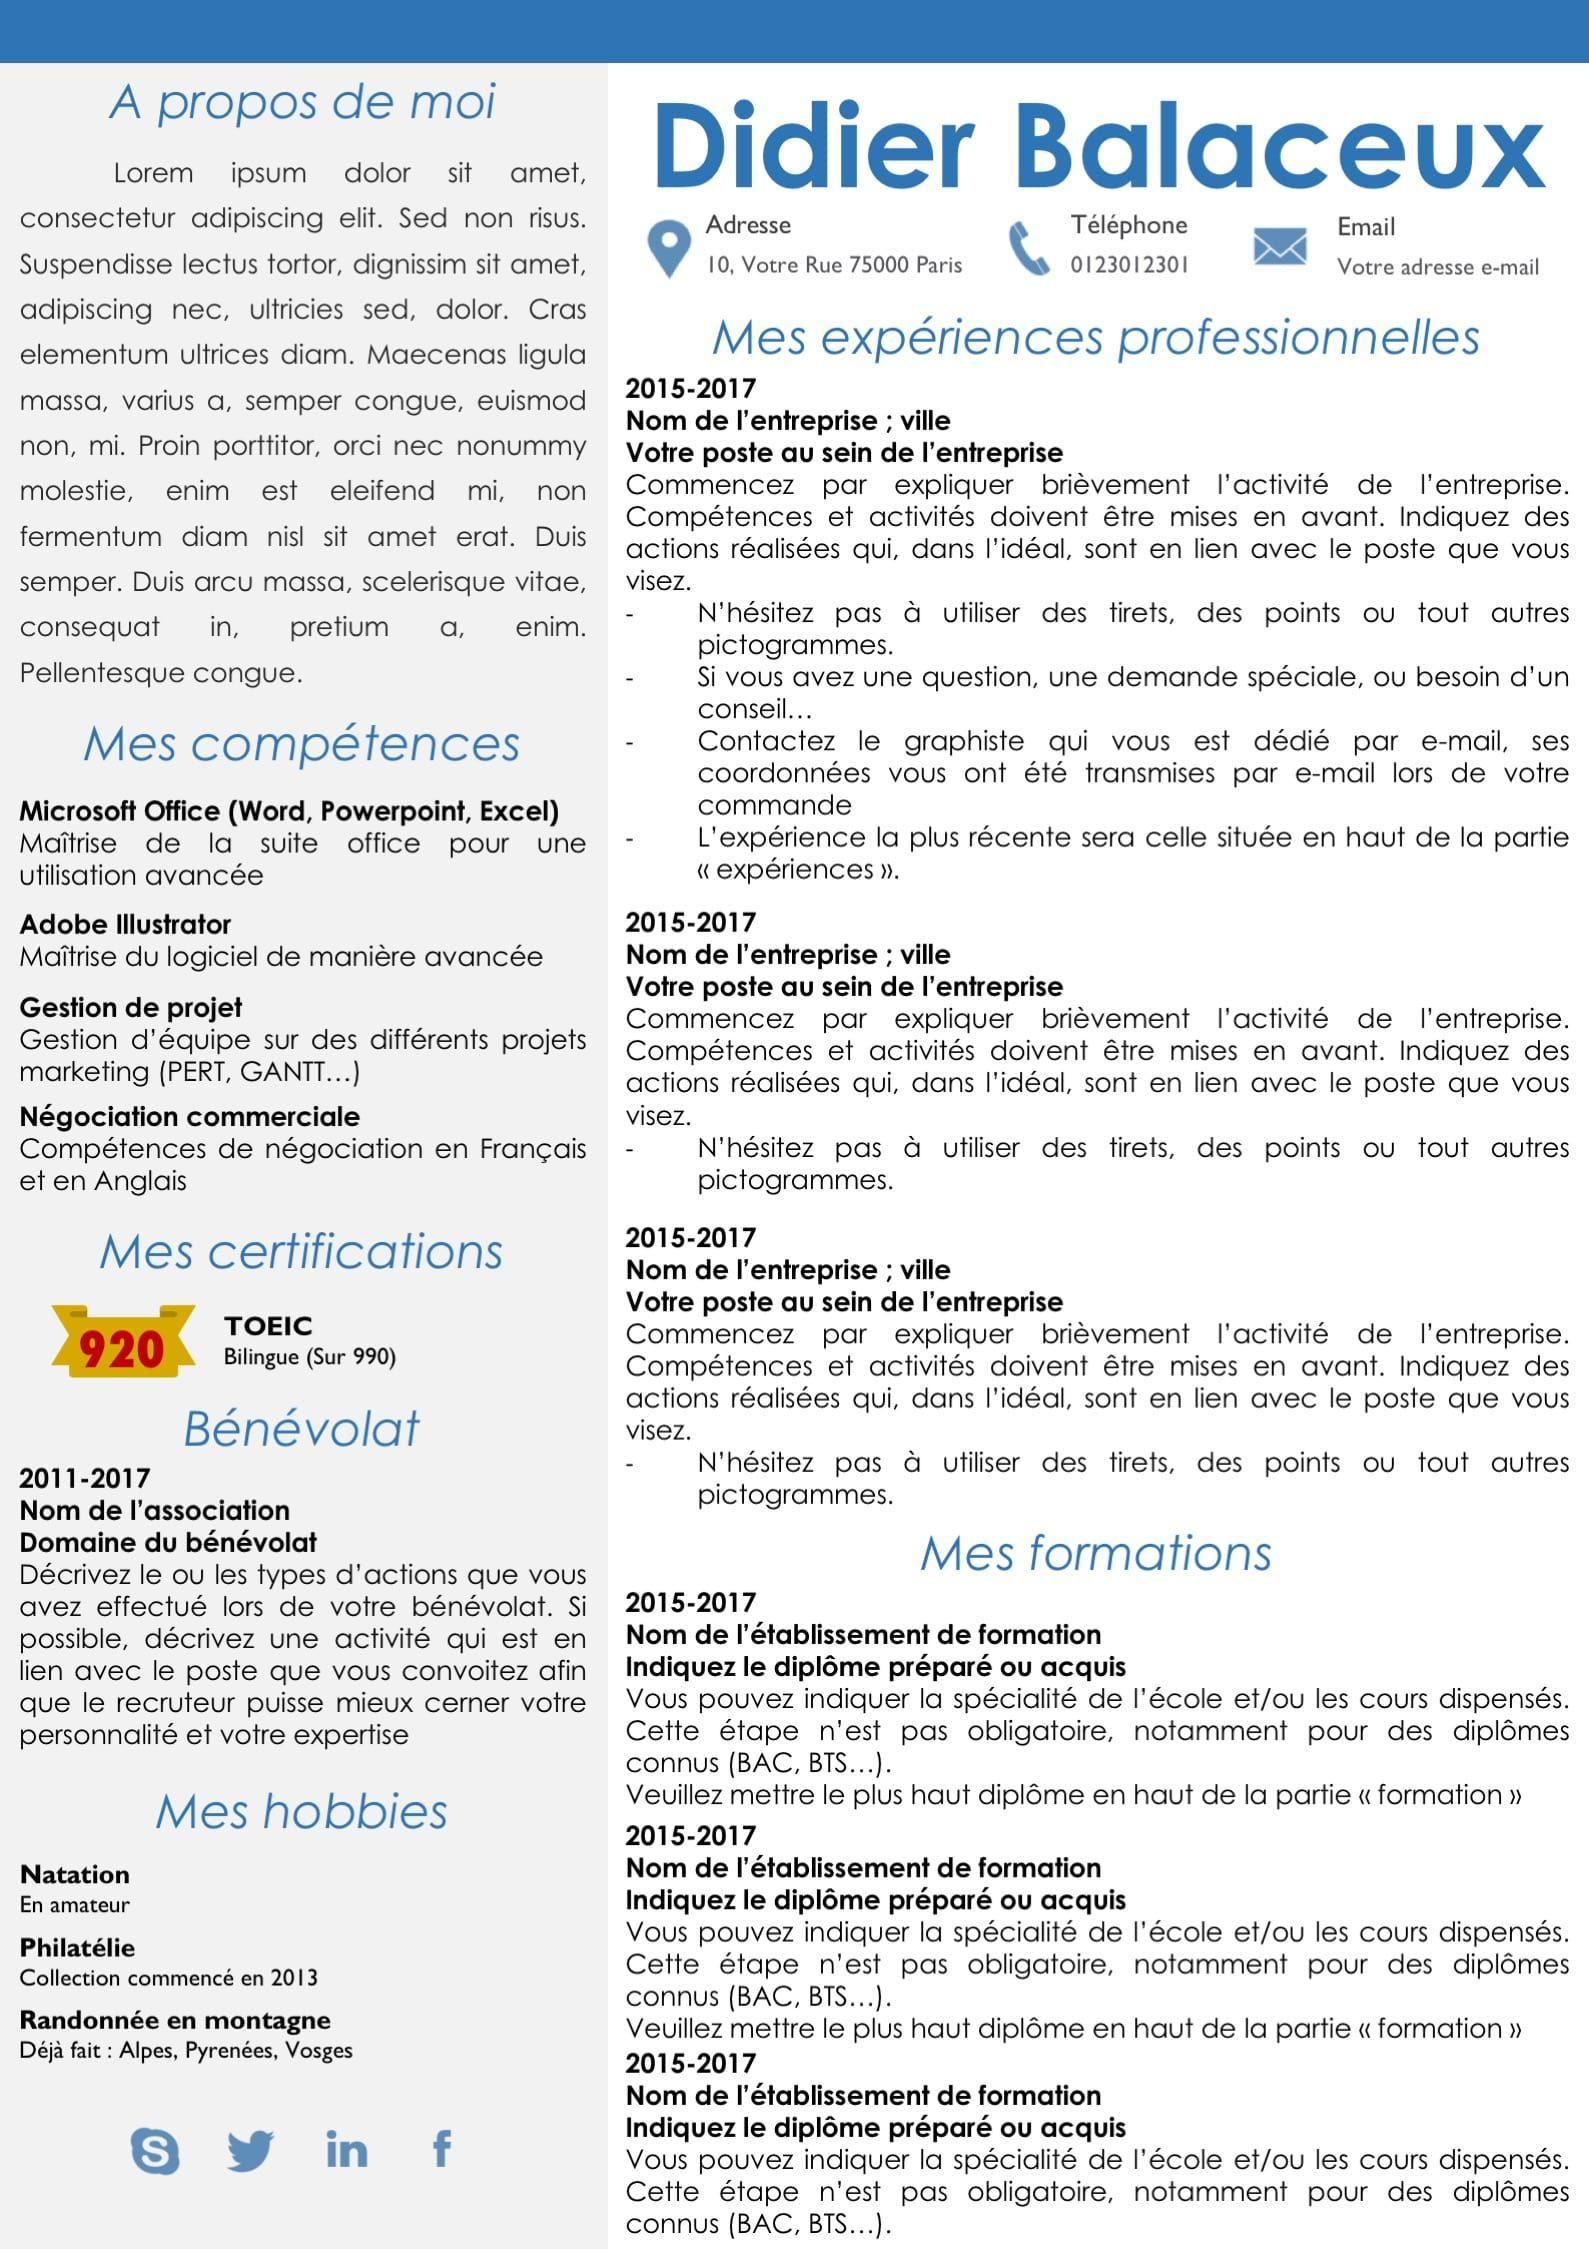 Modeles Cv Et Lettre De Motivation Bleu Modifiable Pour 6 99 Exemple De Lettre De Motivation Exemple De Lettre Lettre De Motivation